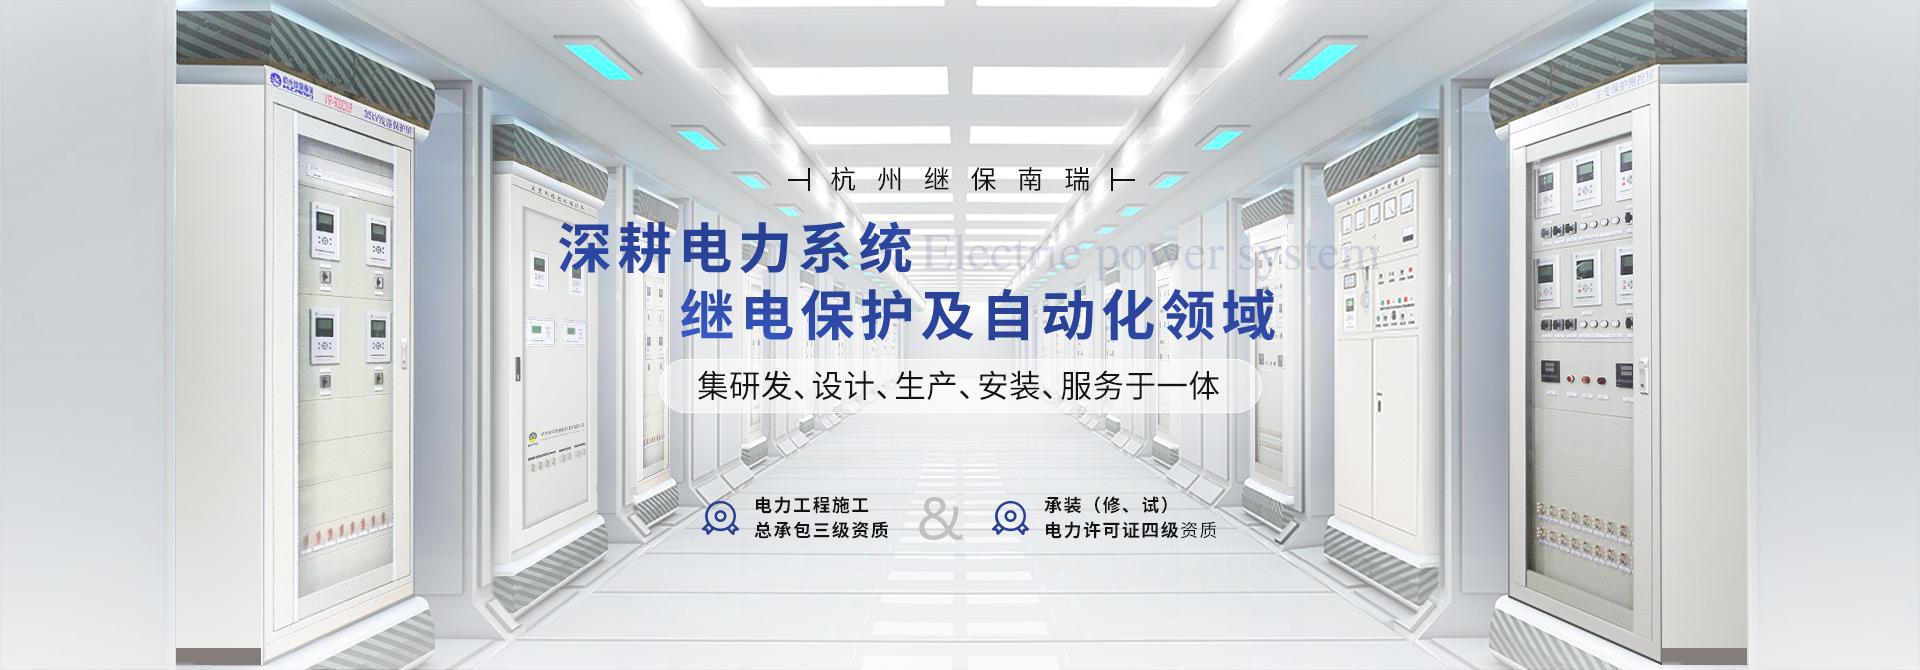 杭州继保南瑞深耕电力系统、继电保护及自动化领域